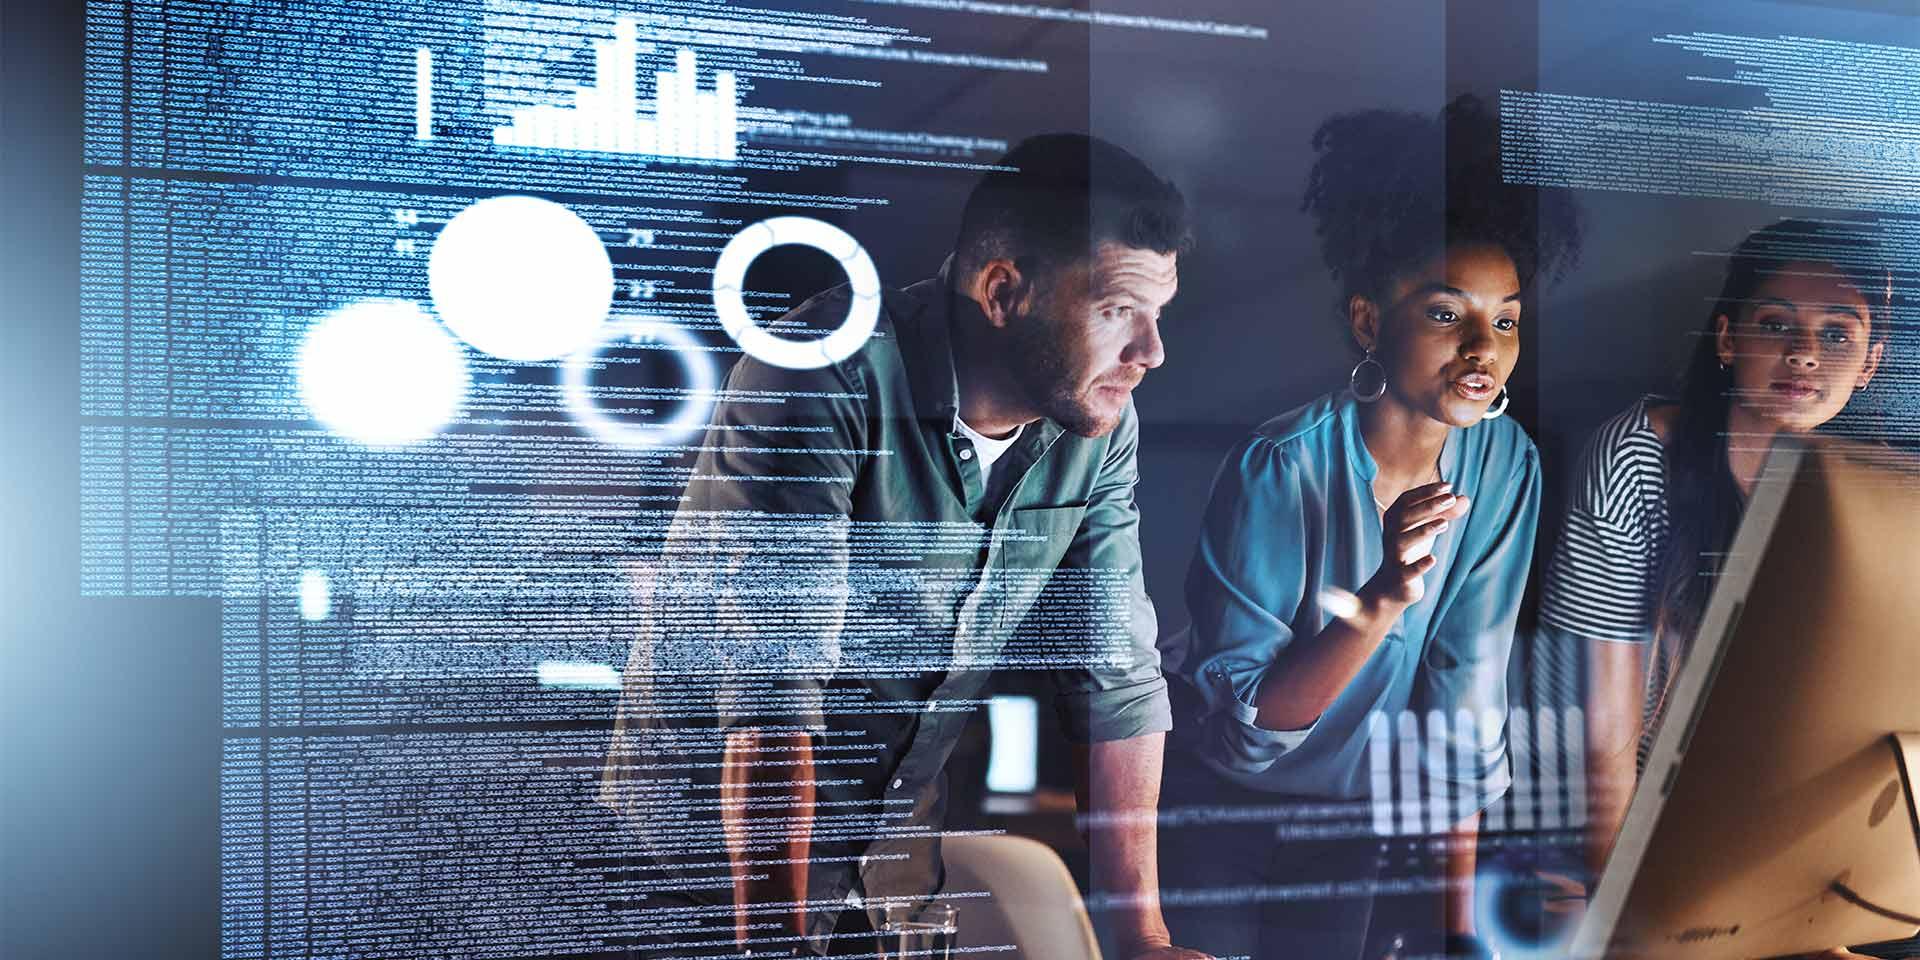 Programmierer arbeiten am Bildschirm